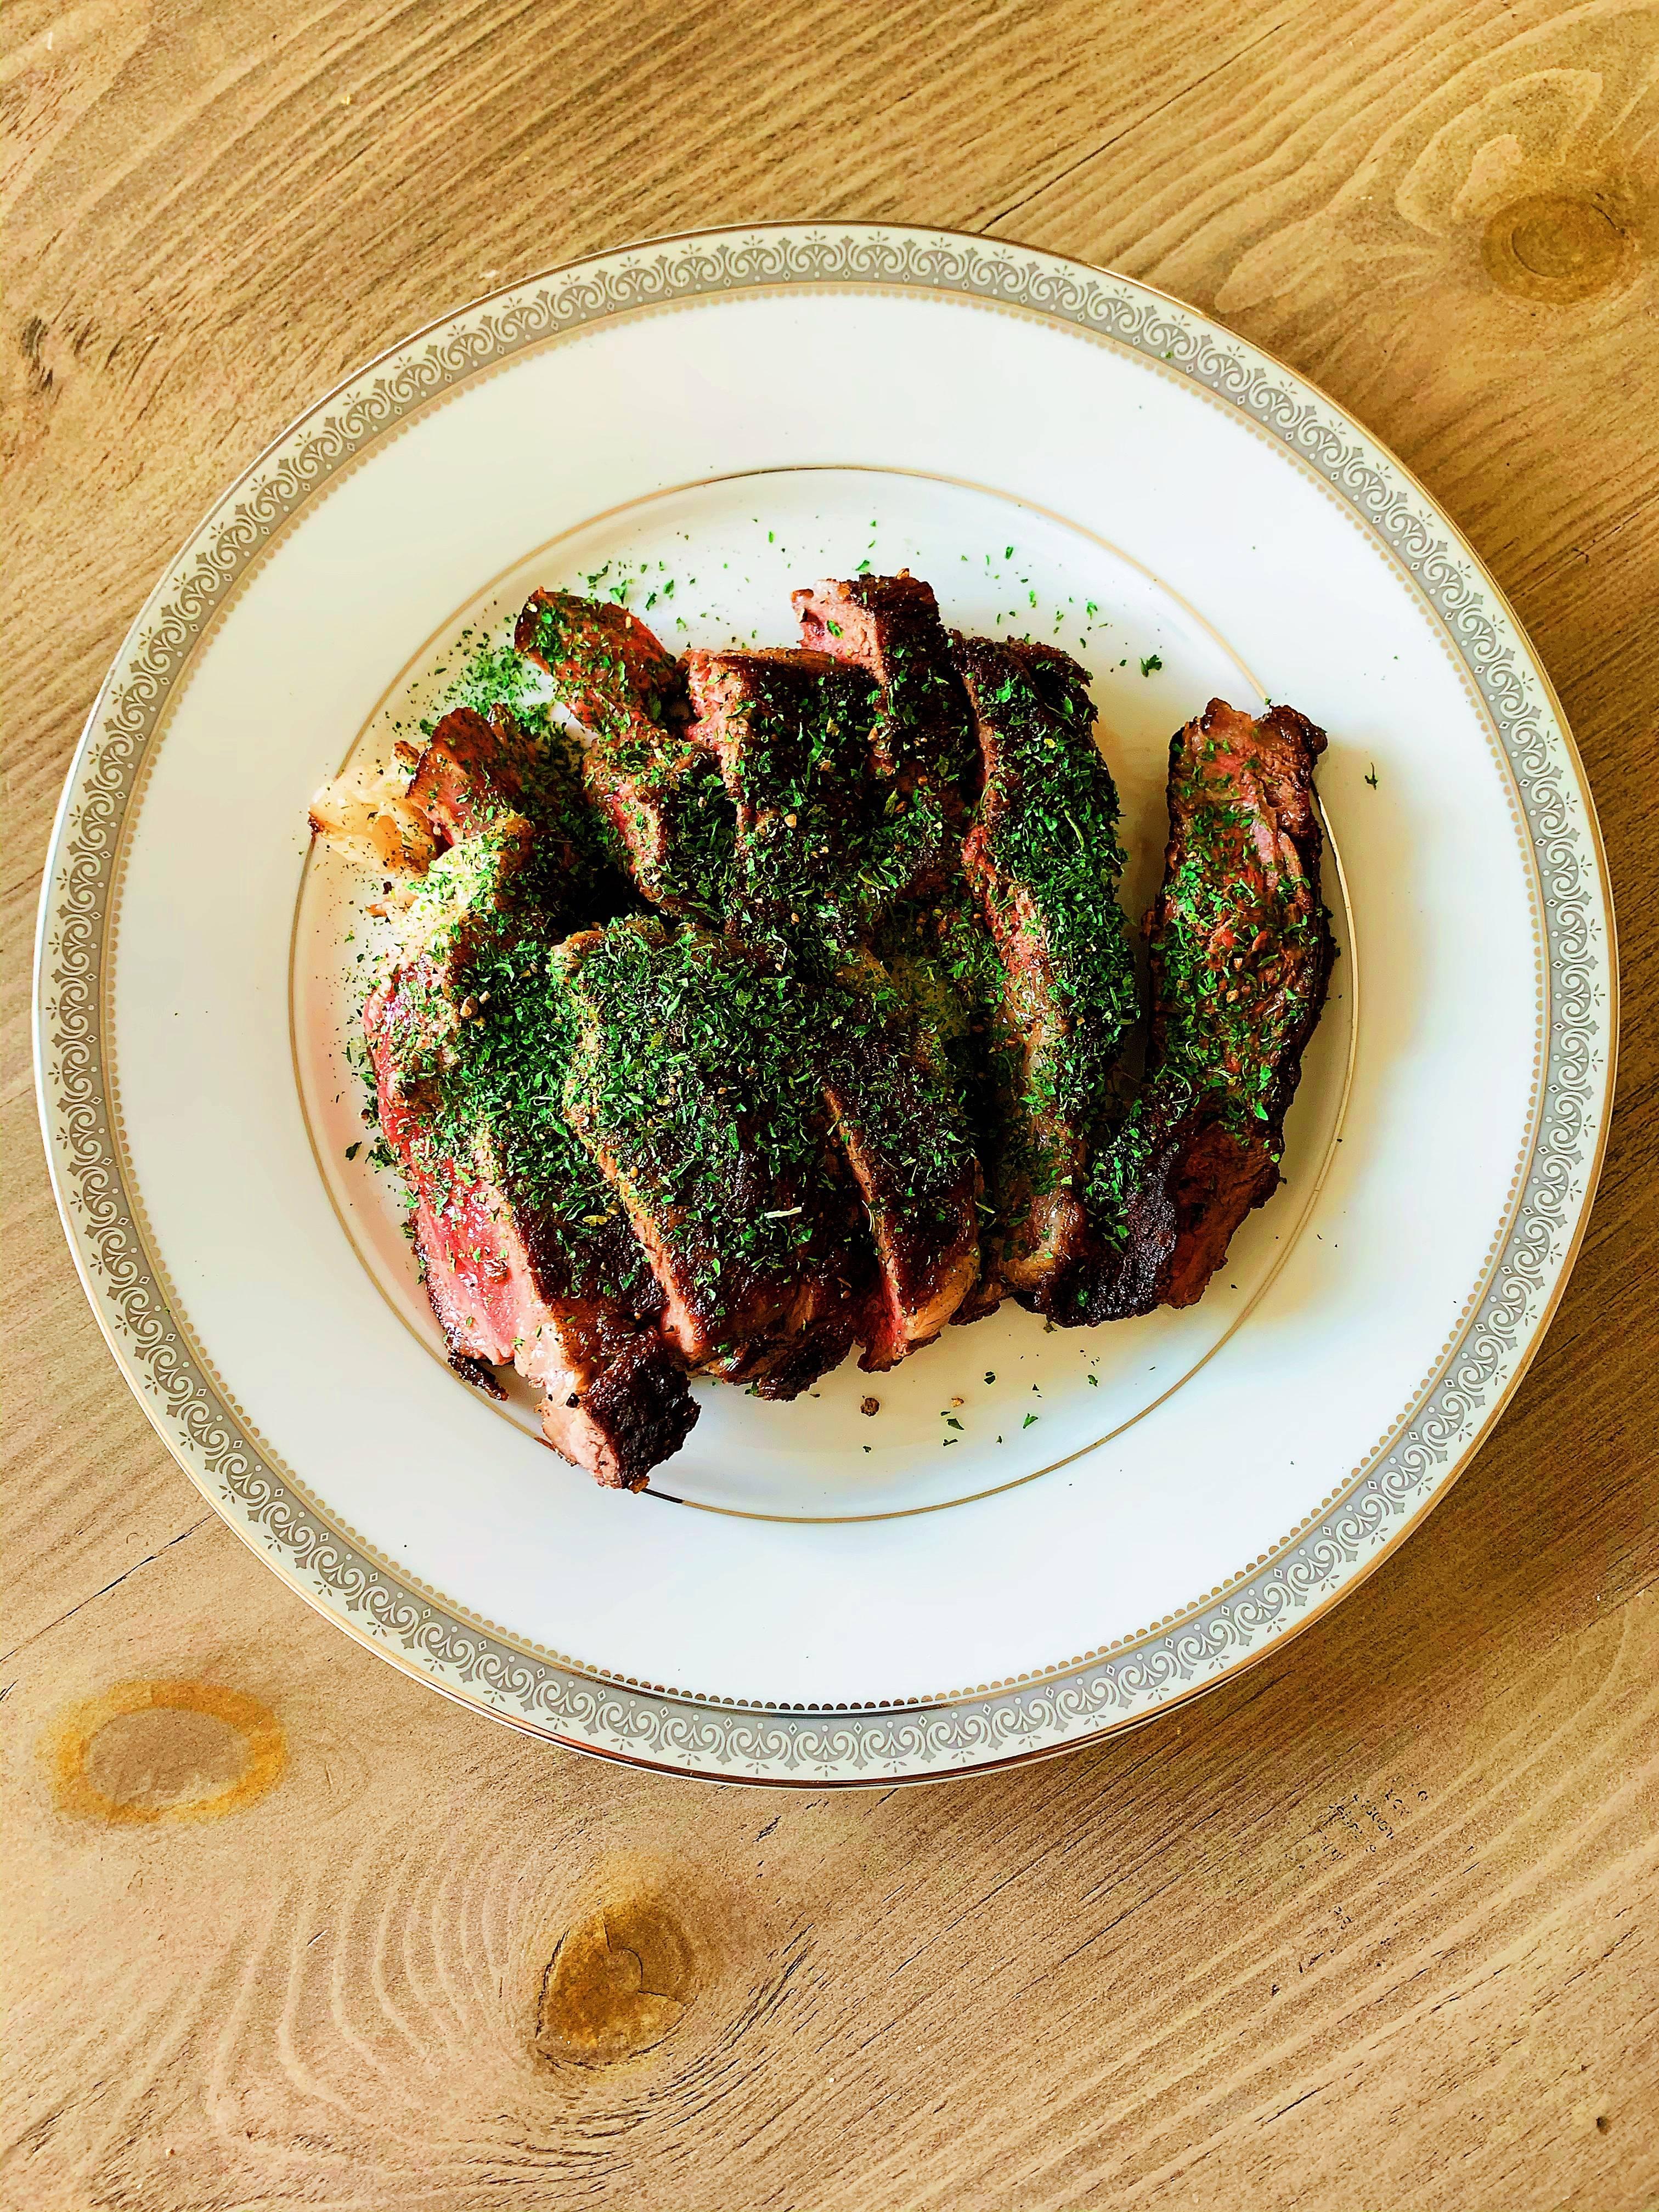 眼肉牛排配奶油蘑菇酱(Ribeye Steak with Mushroom Sauce)的做法 步骤3